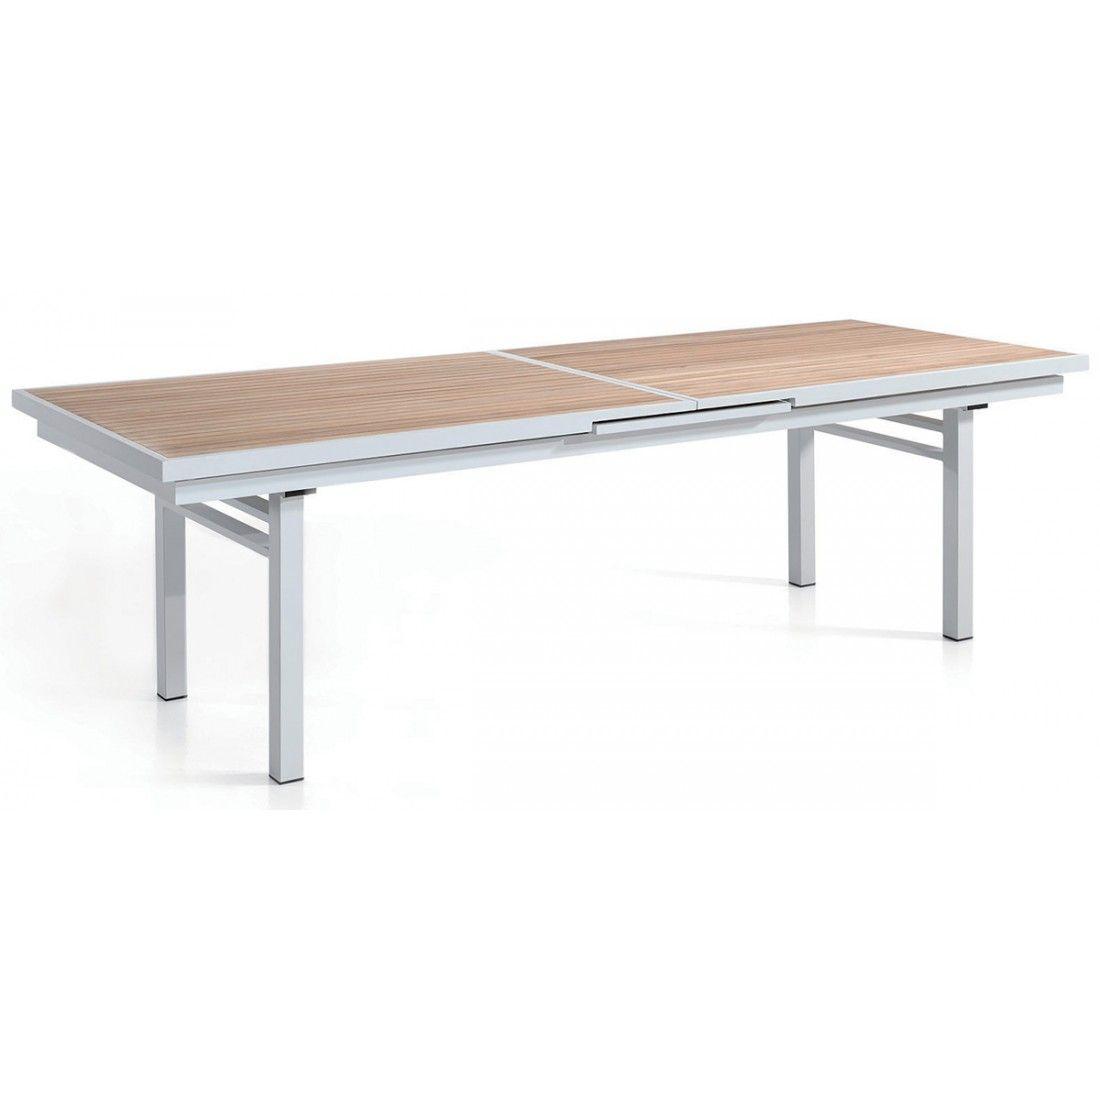 Table en teck avec rallonge et pieds en alu, 280-340 cm Lucia